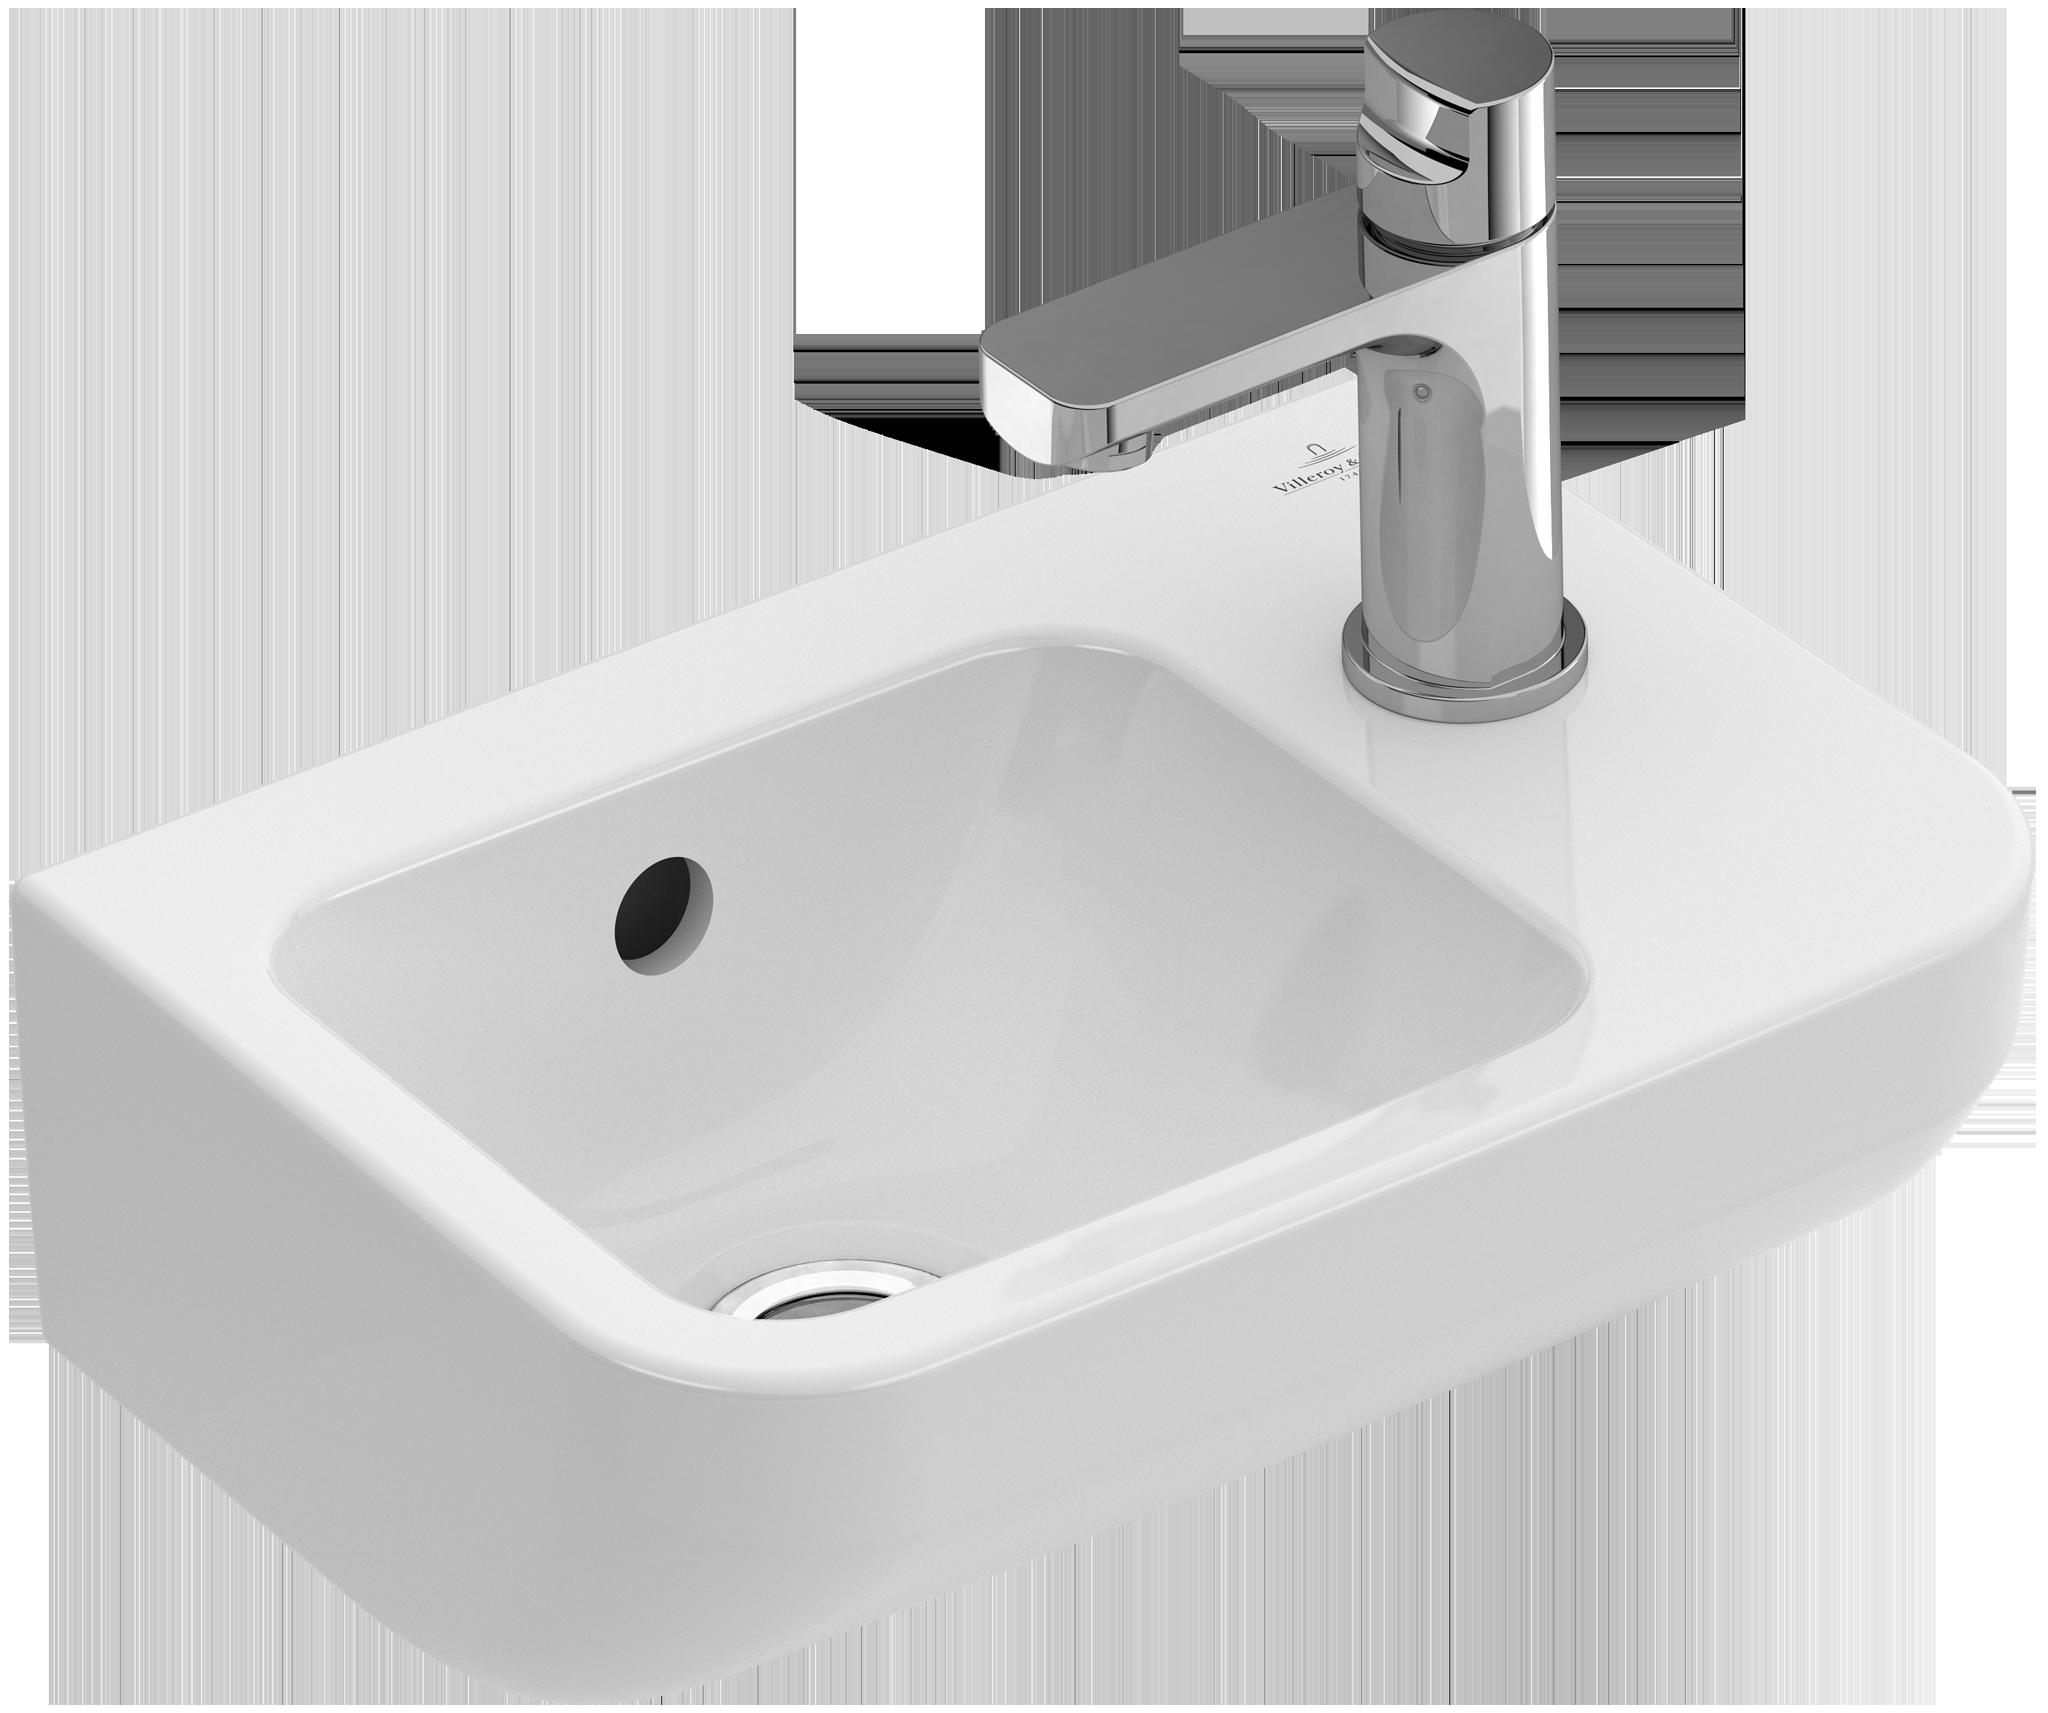 Wat Kost Een Badkamer: Interieurtrend: badkamer en slaapkamer in één ...